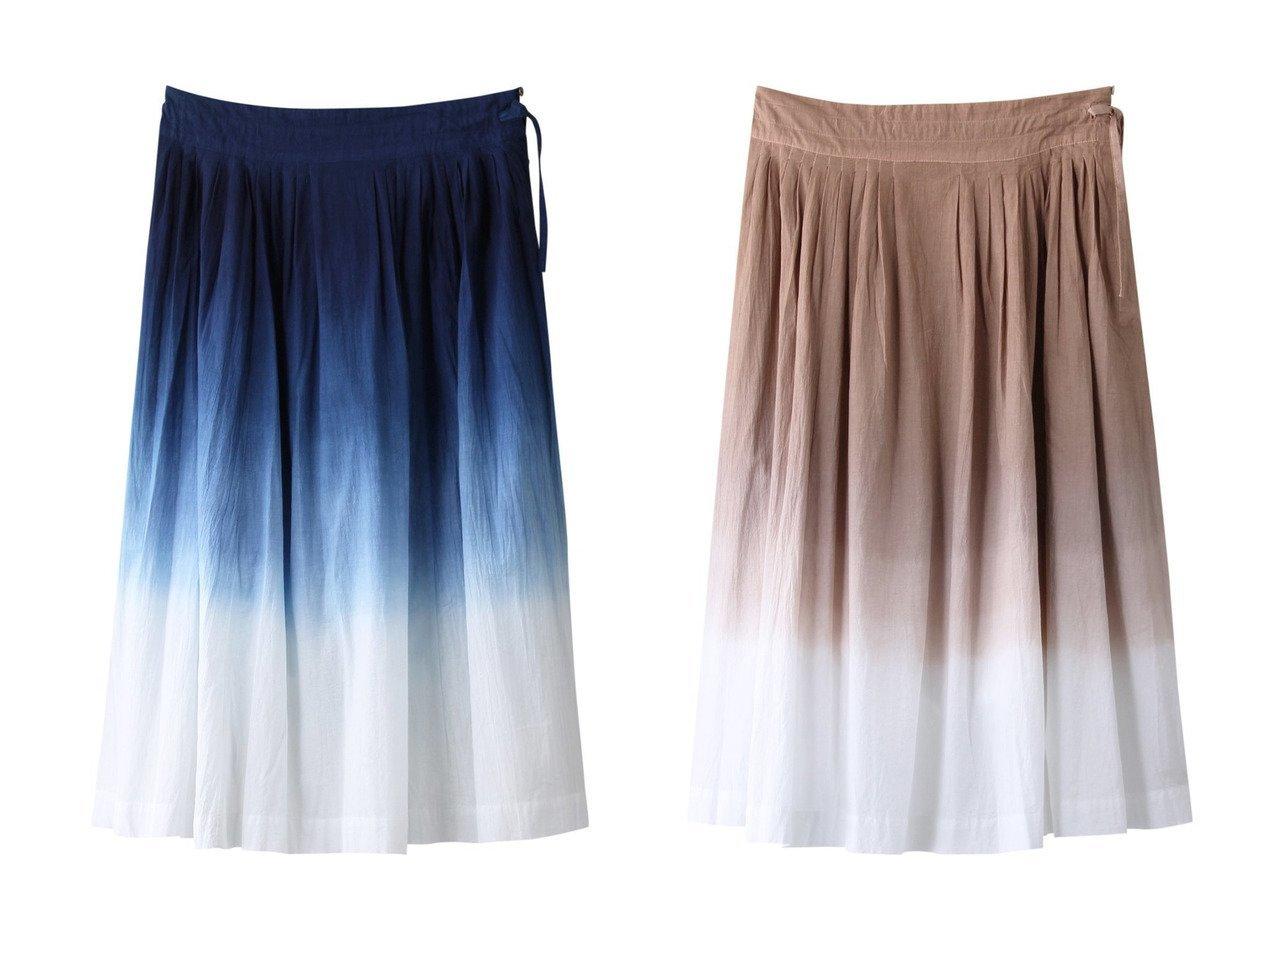 【MARILYN MOON/マリリンムーン】の【WALANCE】グラデーションダイフレアスカート 【スカート】おすすめ!人気、トレンド・レディースファッションの通販 おすすめで人気の流行・トレンド、ファッションの通販商品 インテリア・家具・メンズファッション・キッズファッション・レディースファッション・服の通販 founy(ファニー) https://founy.com/ ファッション Fashion レディースファッション WOMEN スカート Skirt Aライン/フレアスカート Flared A-Line Skirts ロングスカート Long Skirt インディゴ グラデーション シンプル フレア ポケット ロング おすすめ Recommend |ID:crp329100000056327